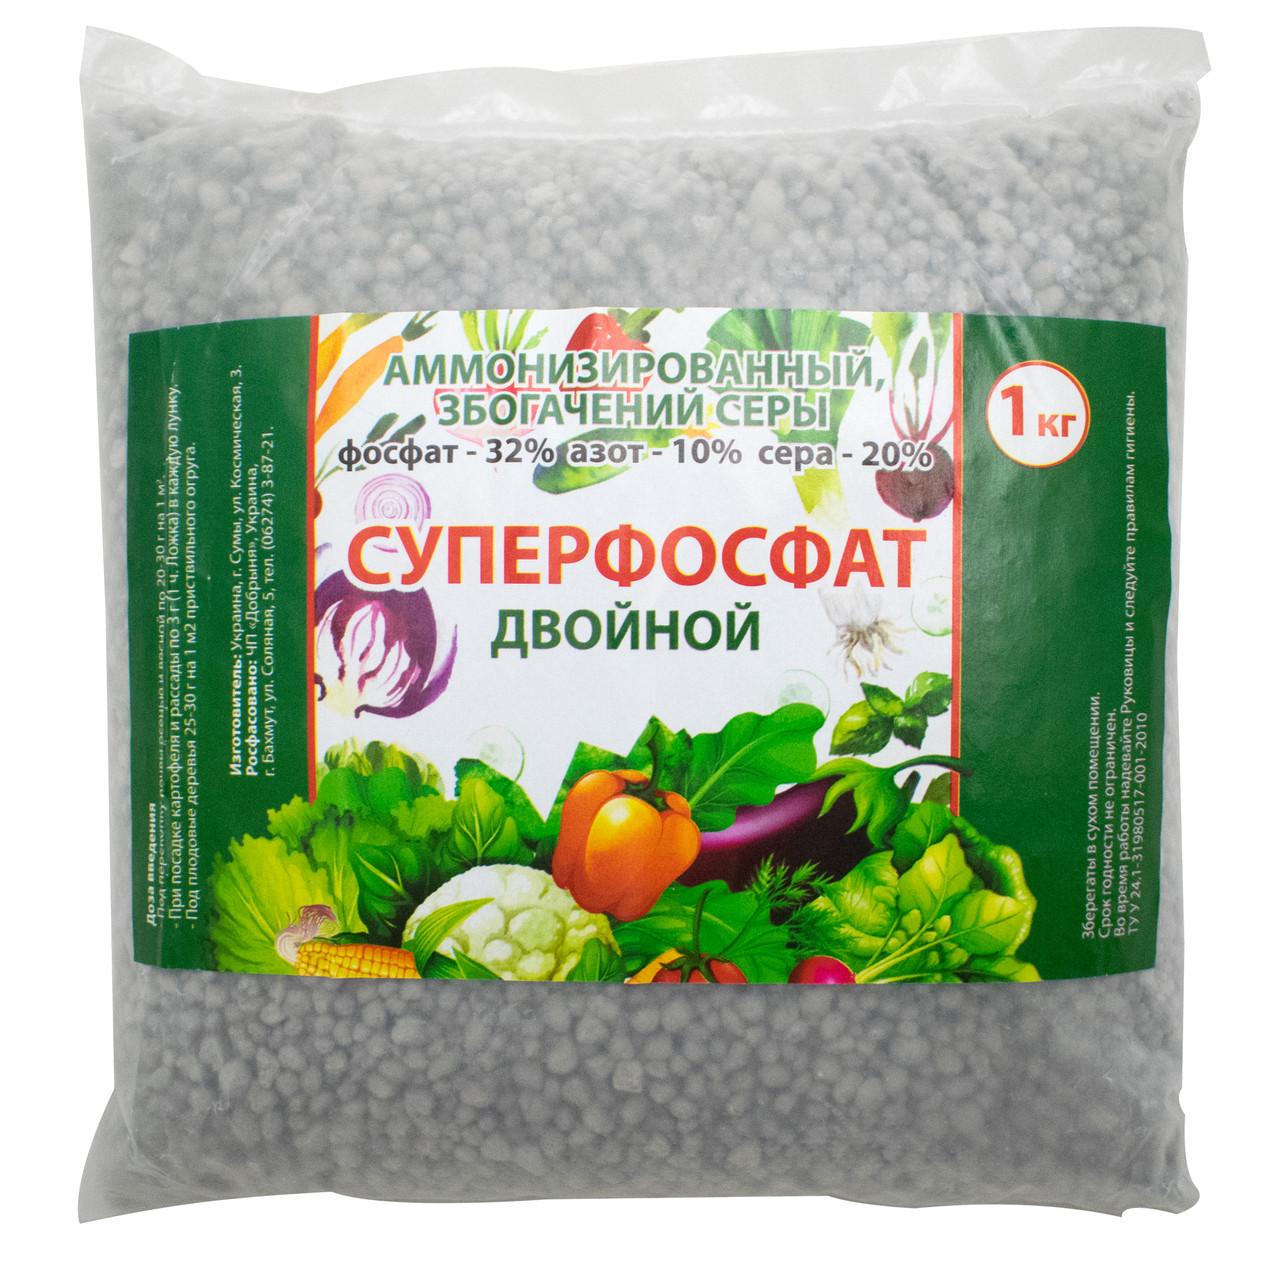 Удобрение Суперфосфат двойной 1 кг Добрыня